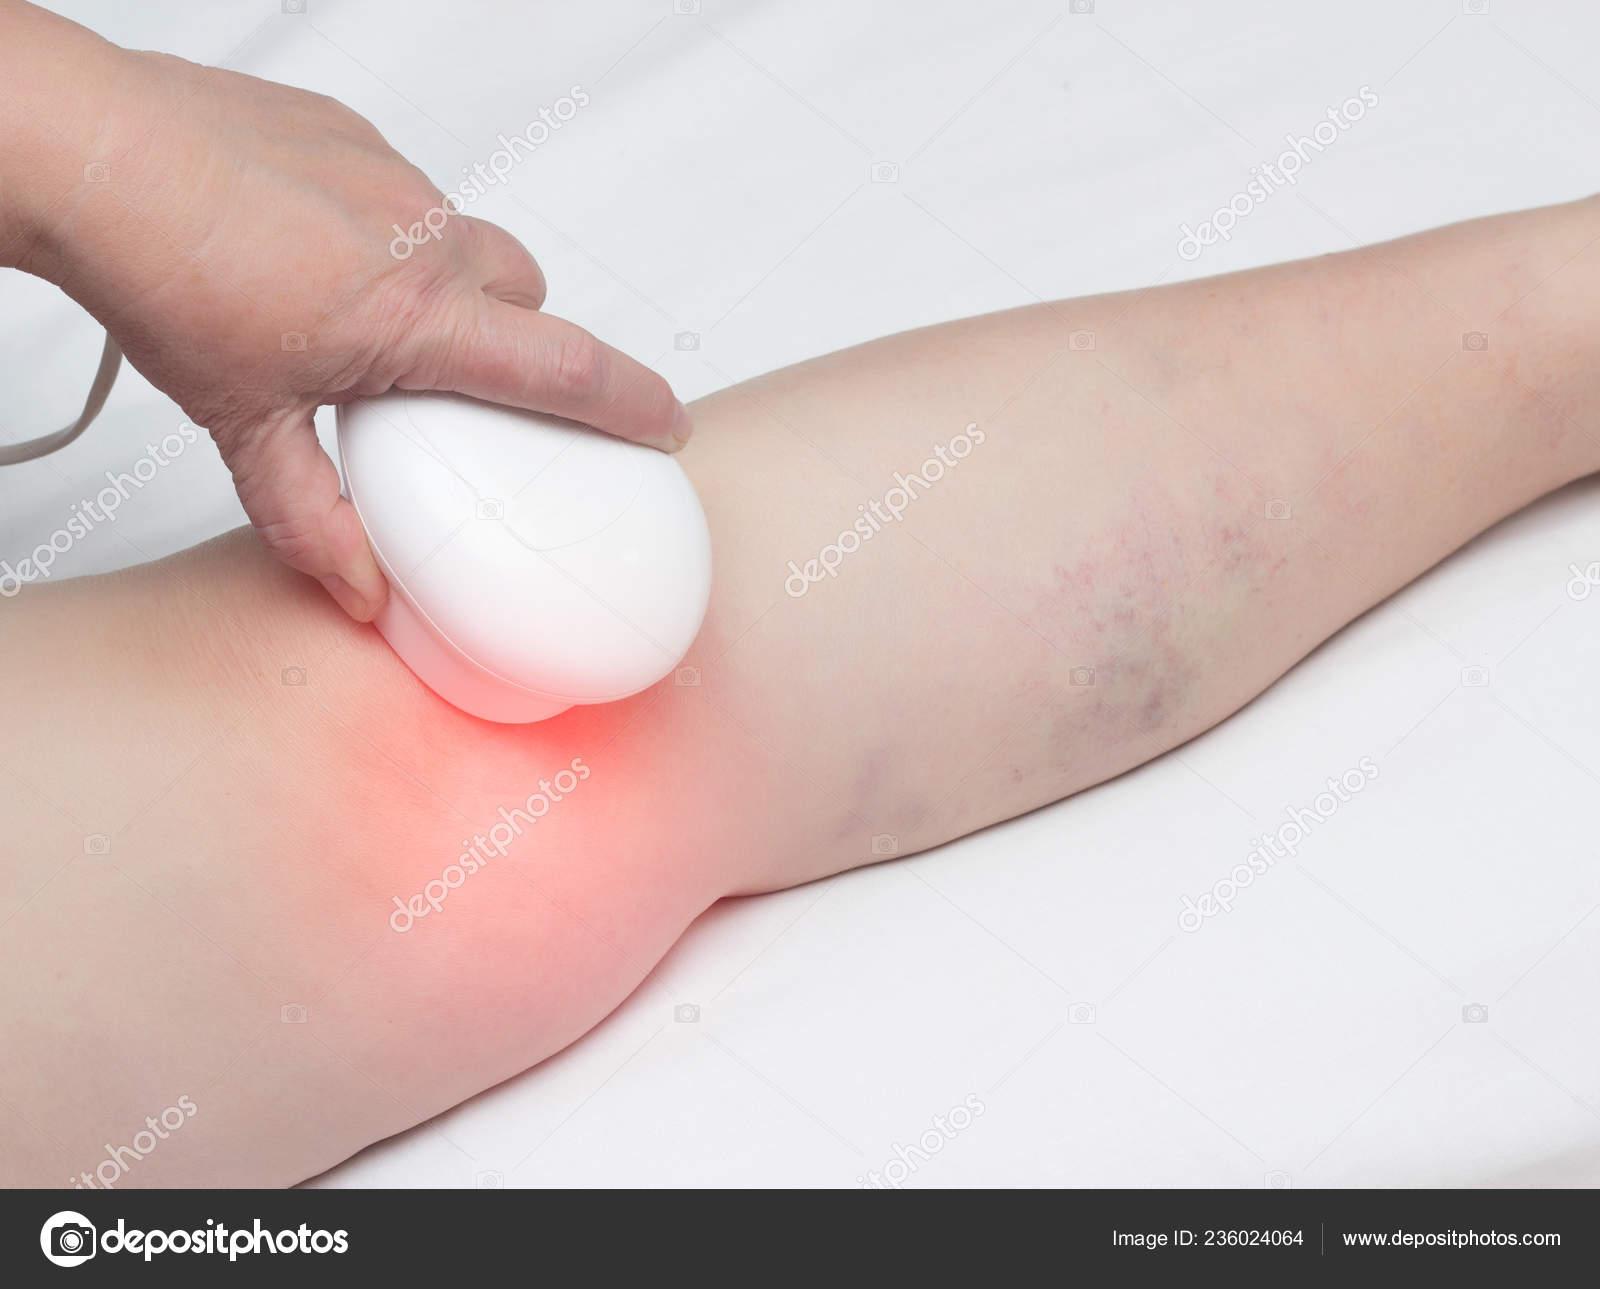 Hogyan lehet enyhíteni a hüvelykujj ízületének fájdalmát